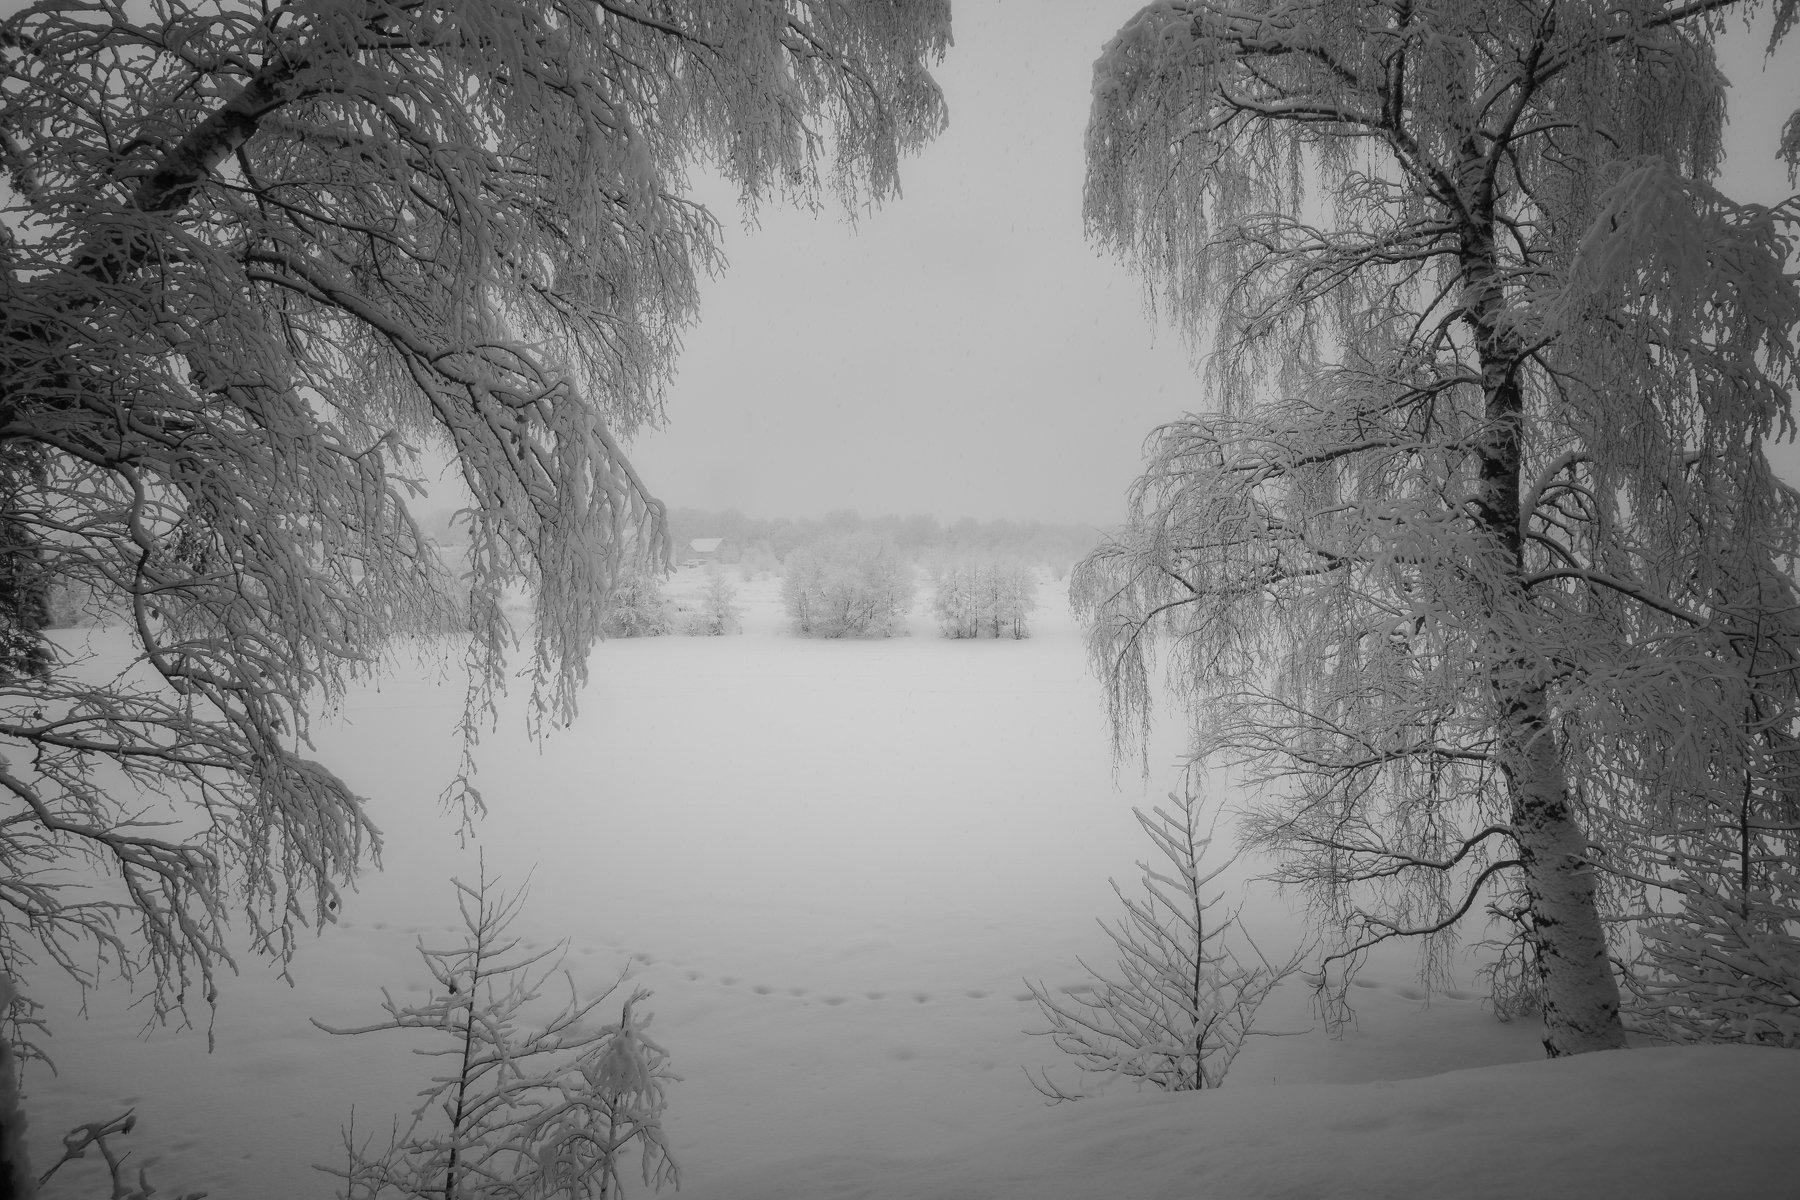 природа, пейзаж, зима, московская область, Мартыненко Дмитрий